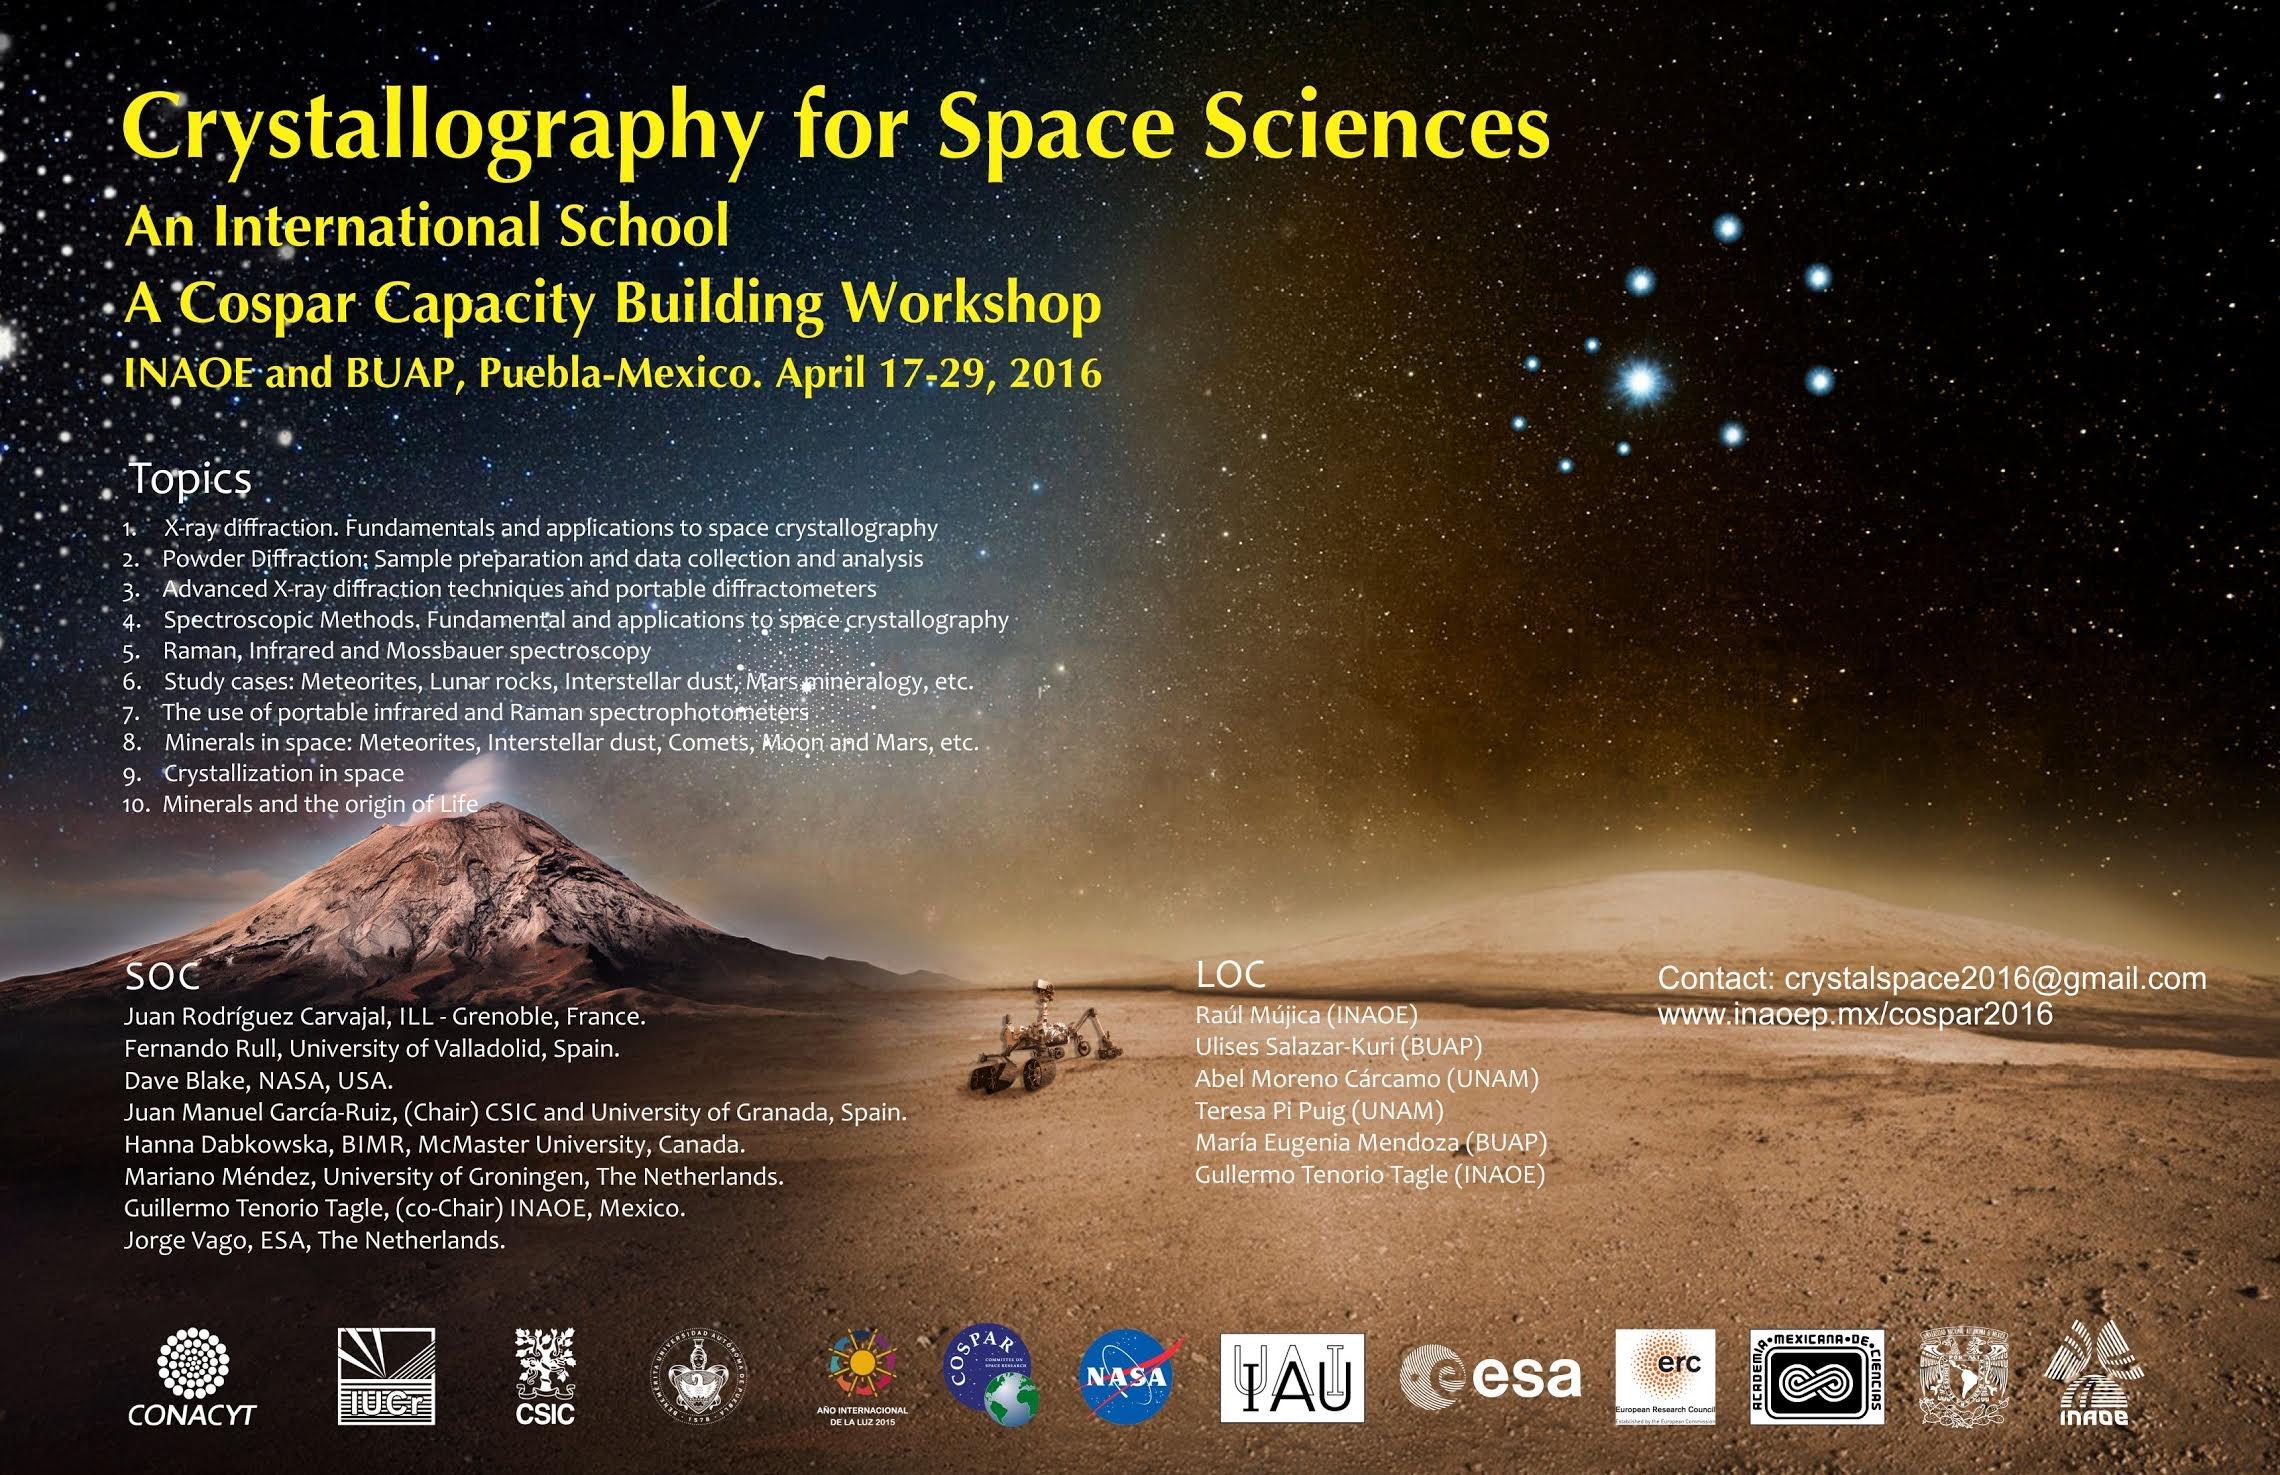 [workshop poster]